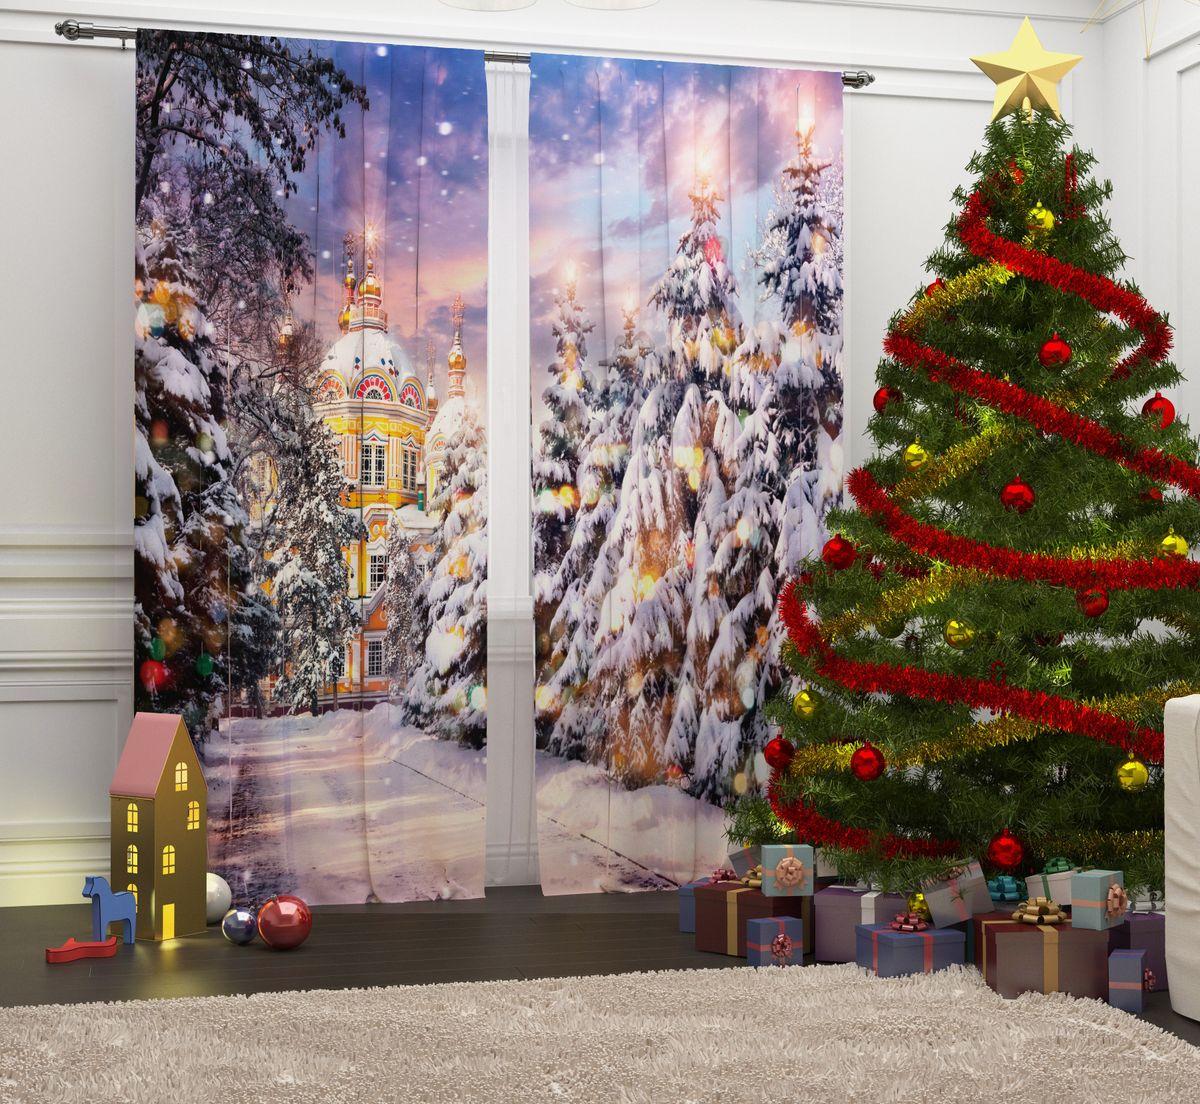 Фотошторы Сирень Зимняя аллея, на ленте, высота 260 см02159-ФШ-ГБ-001Перед новогодними праздниками каждая хозяйка или хозяин хотят украсить свой дом. Мы предлагаем оригинальное решение, украсить Ваше окно фотошторами с новогодней тематикой. Новогодние фотошторы Сирень станут отличным подарком на Новый год. Подарите радость праздника себе и Вашим близким людям! Текстиль бренда «Сирень» - качество в каждом сантиметре ткани! Крепление на карниз при помощи шторной ленты на крючки. В комплекте: Портьера: 2 шт. Размер (ШхВ): 145 см х 260 см. Рекомендации по уходу: стирка при 30 градусах гладить при температуре до 150 градусов Изображение на мониторе может немного отличаться от реального.